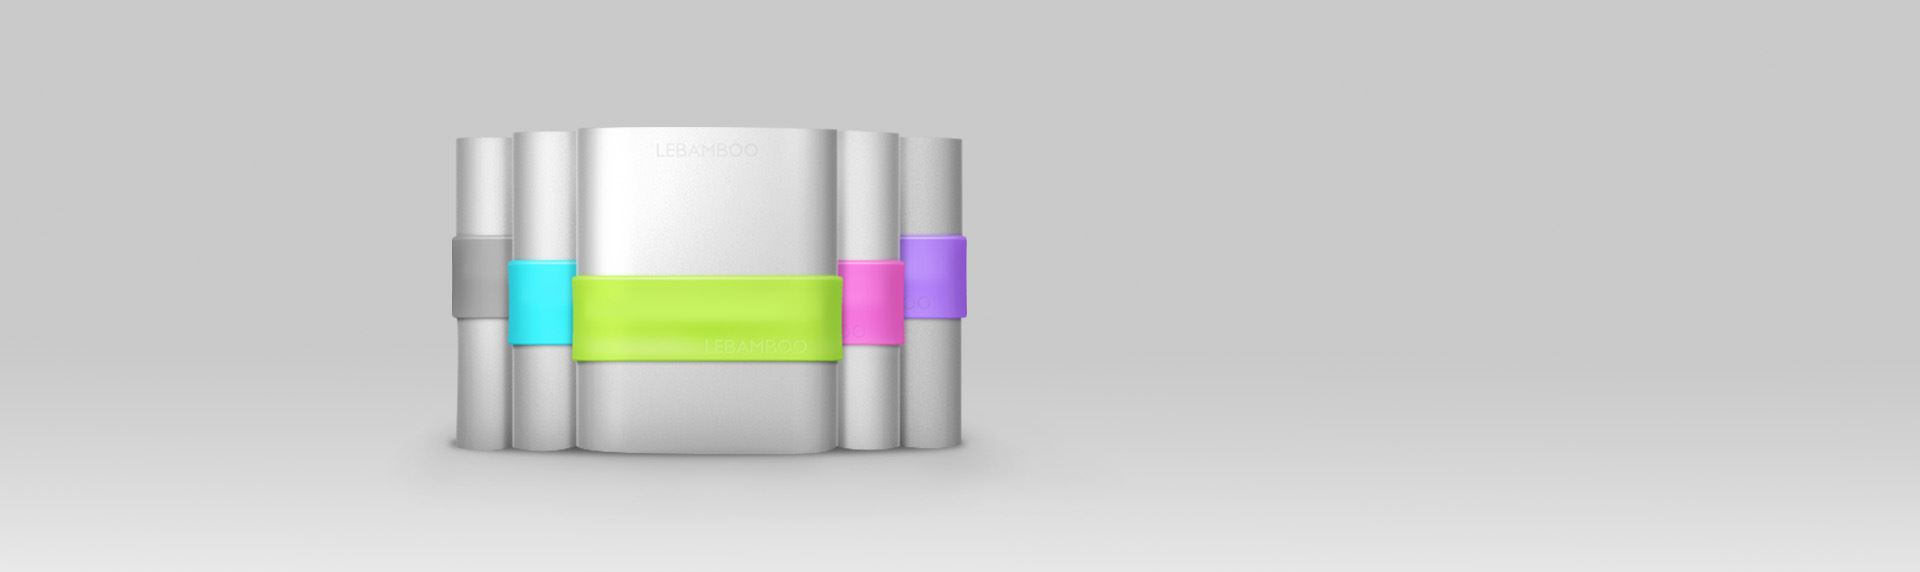 TMT娱乐-空气质量检测仪器